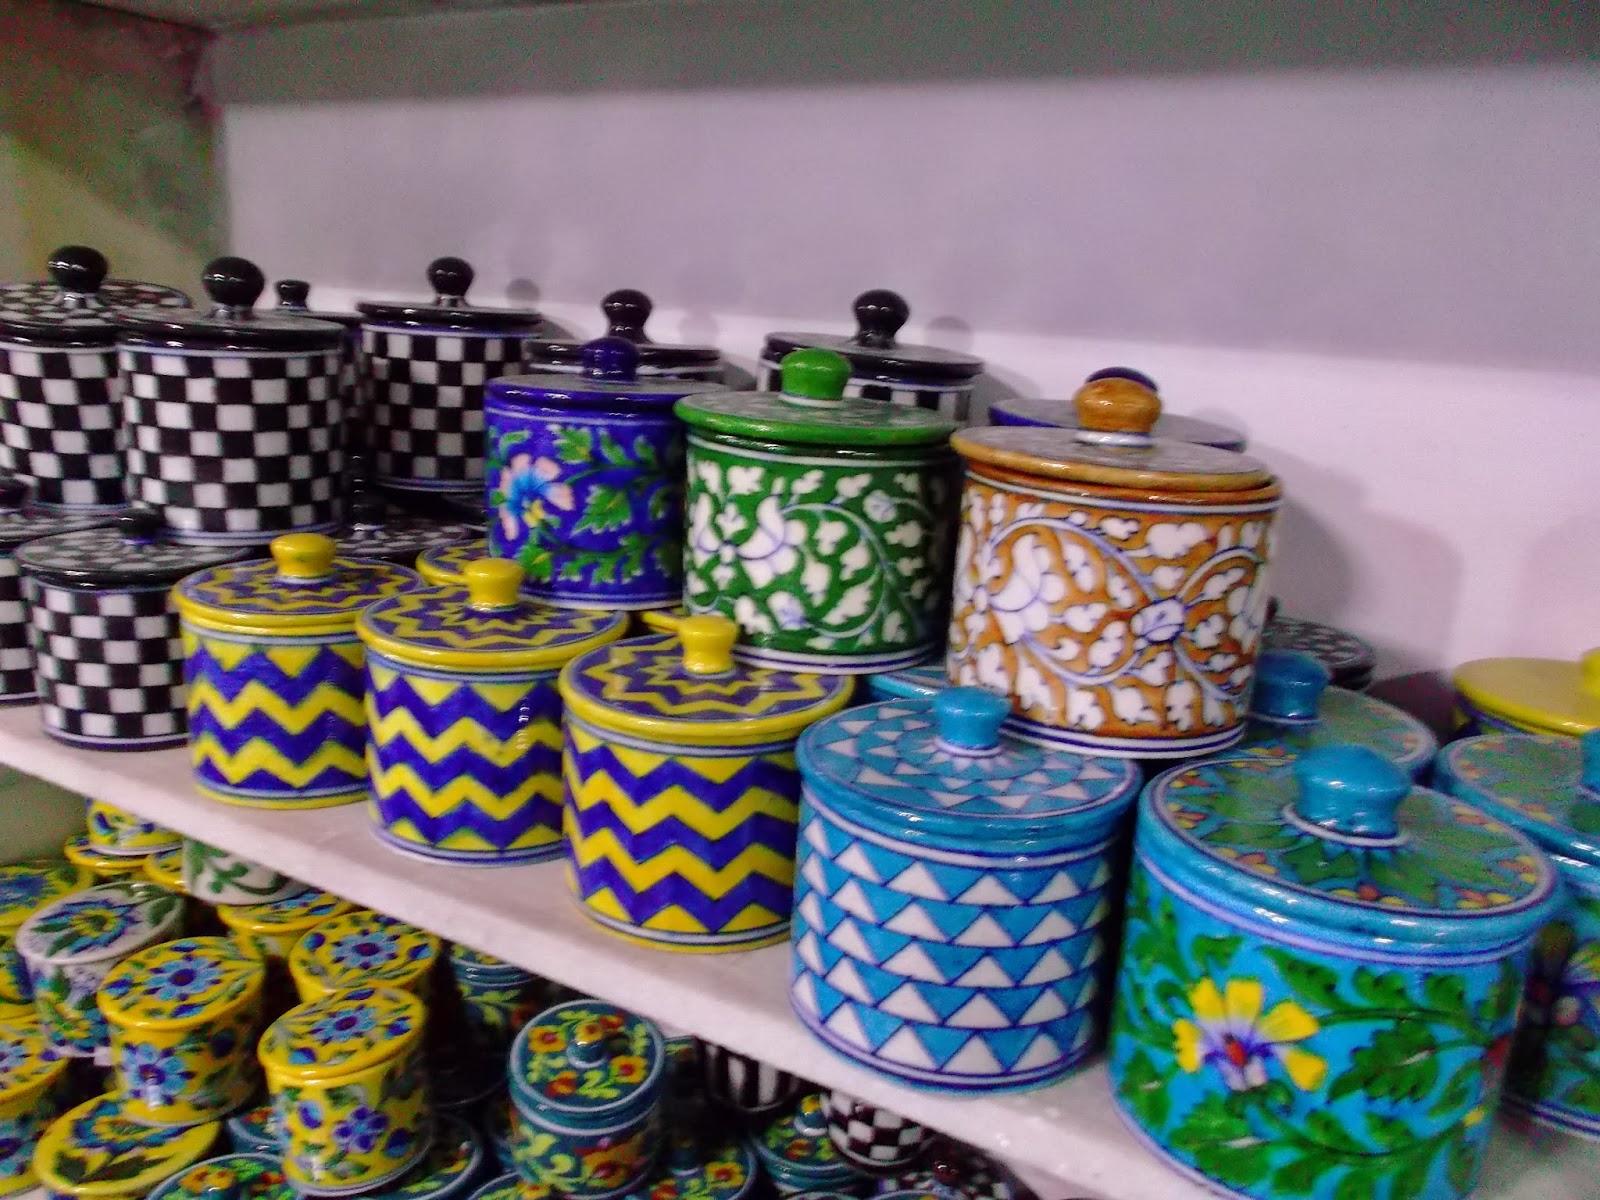 Zig Zag Pattern Bowl - NERYA POTTERY - Jaipur, India DSCF0757